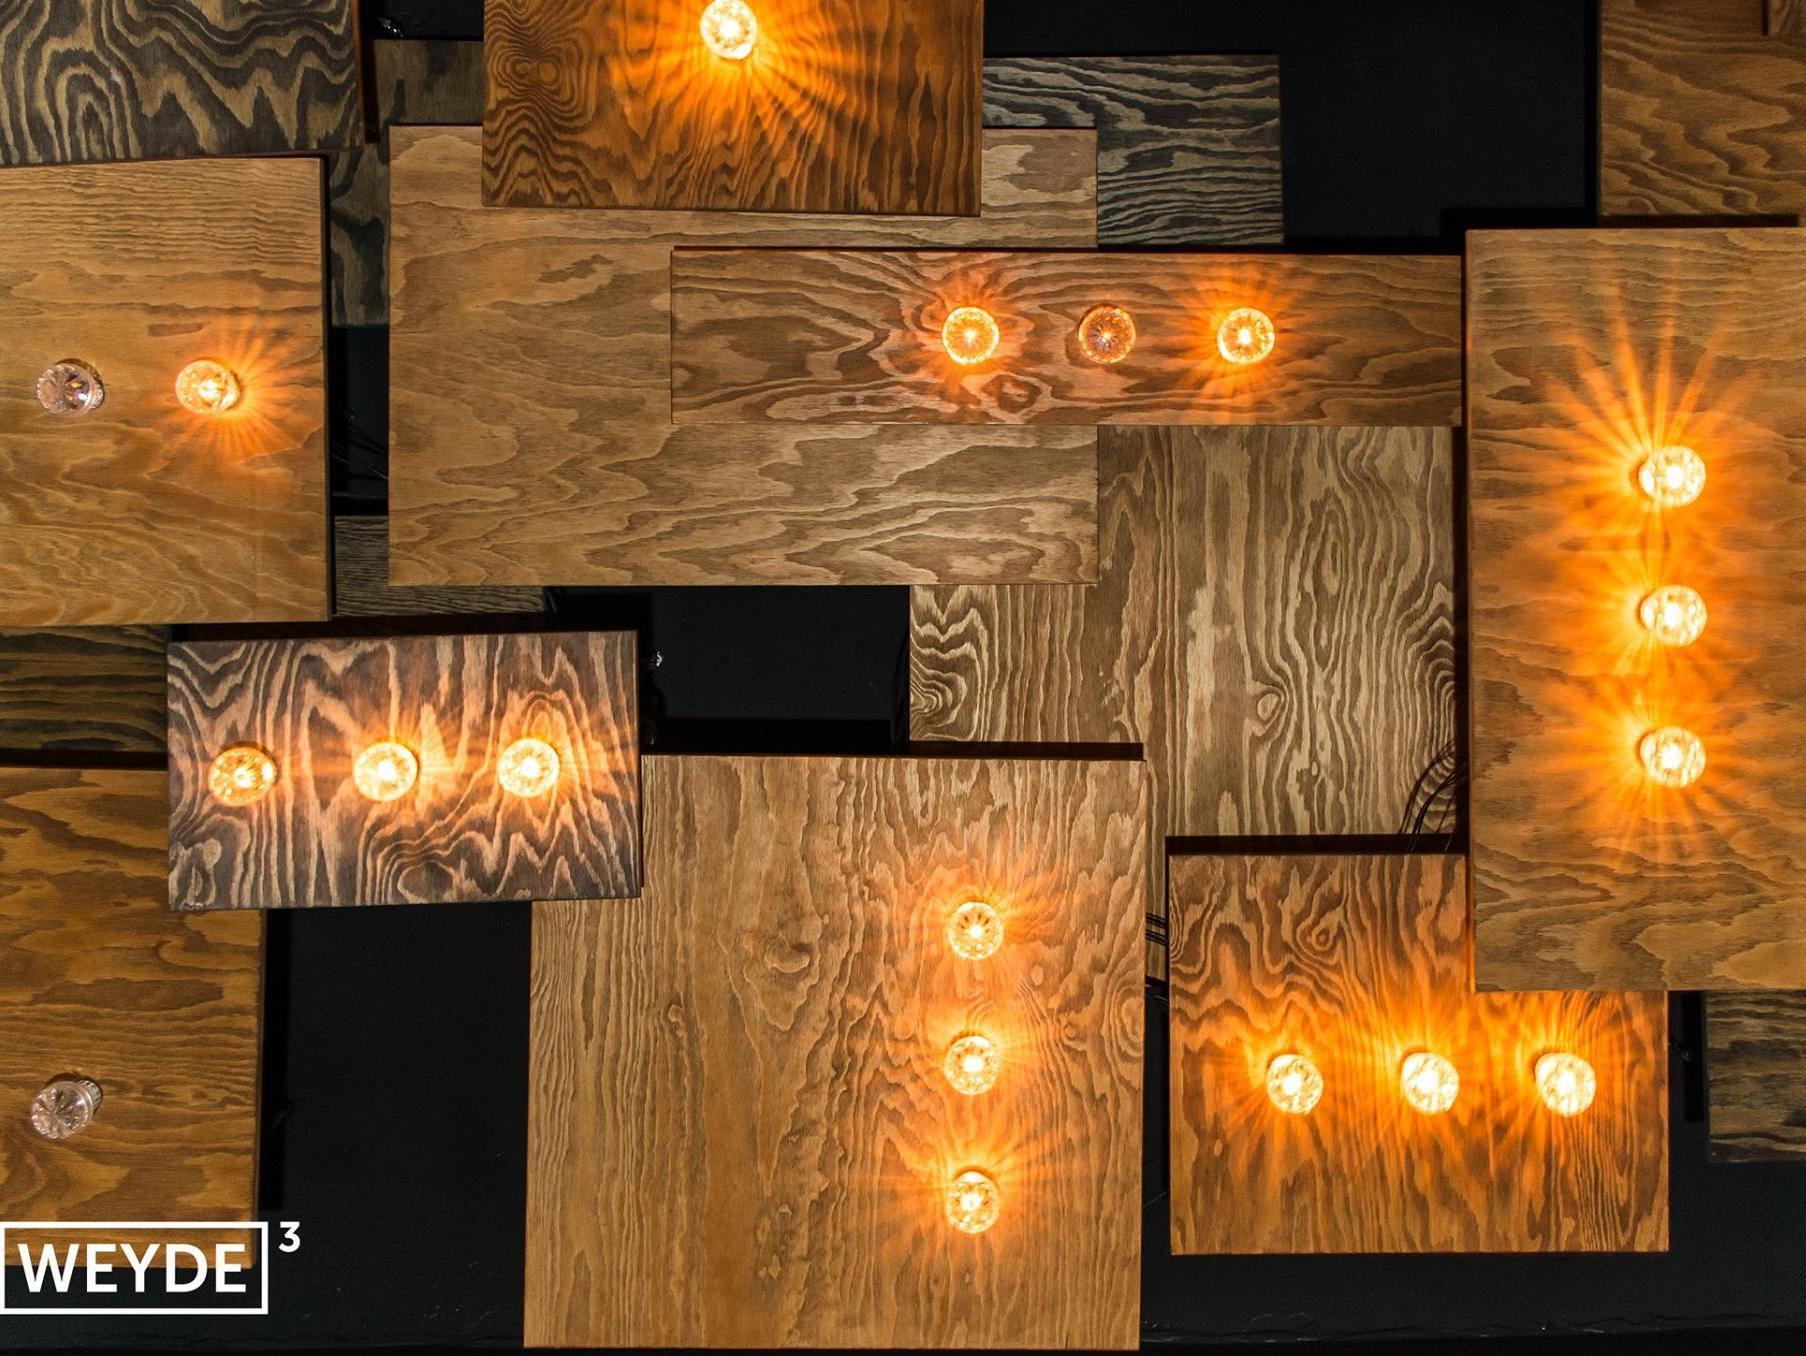 Diese viereckigen Holzlampen gehören zur Weyde³. Der Club in Oberschöneweide wird dieses Wochenende eingetanzt.